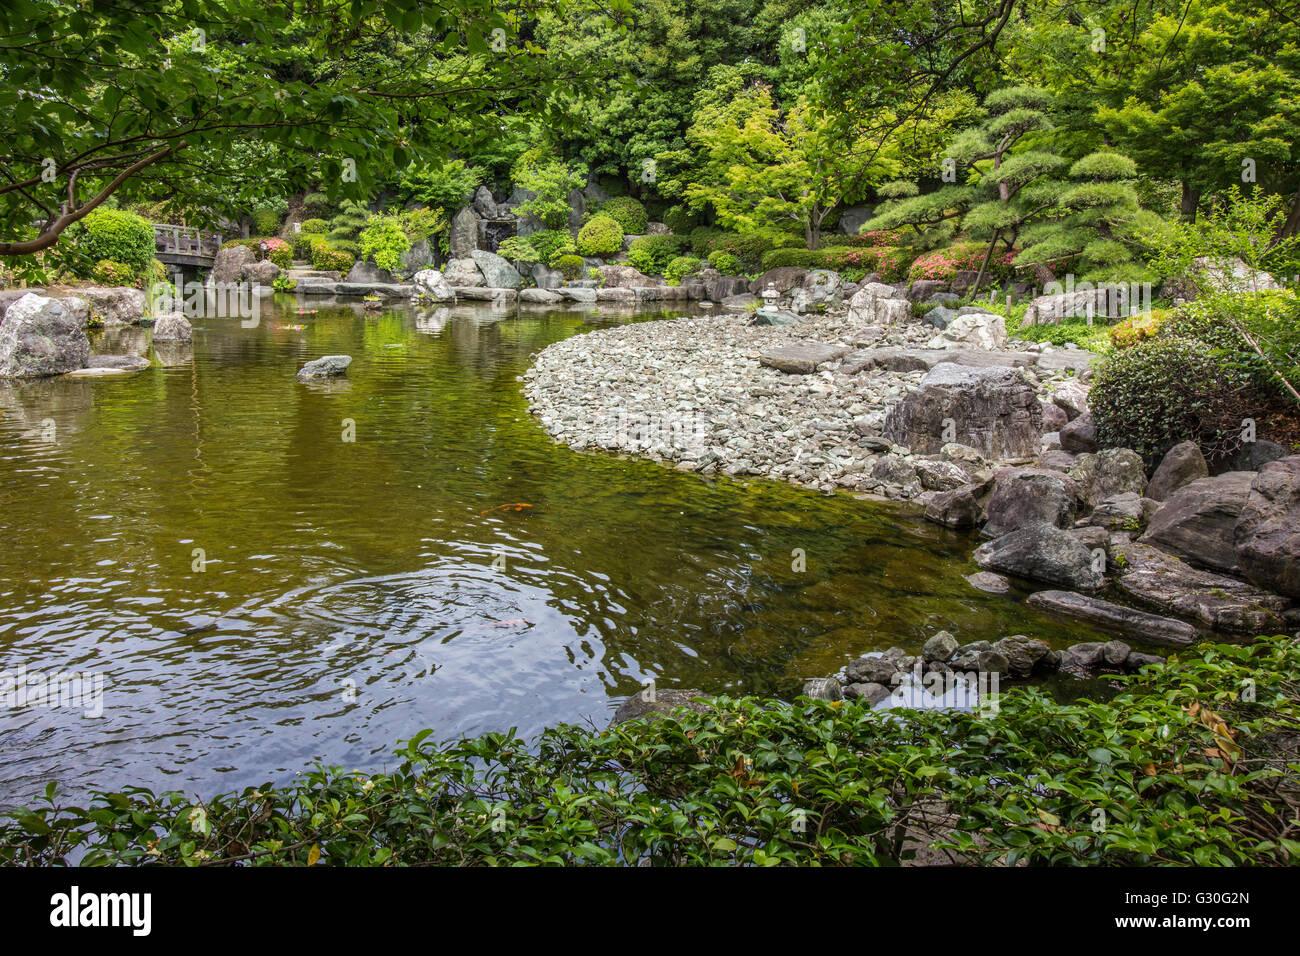 Estanque en el jardín - Hanahata Hanahata Garden es un jardín japonés en la comunidad Adachi-ku Tokio. Imagen De Stock